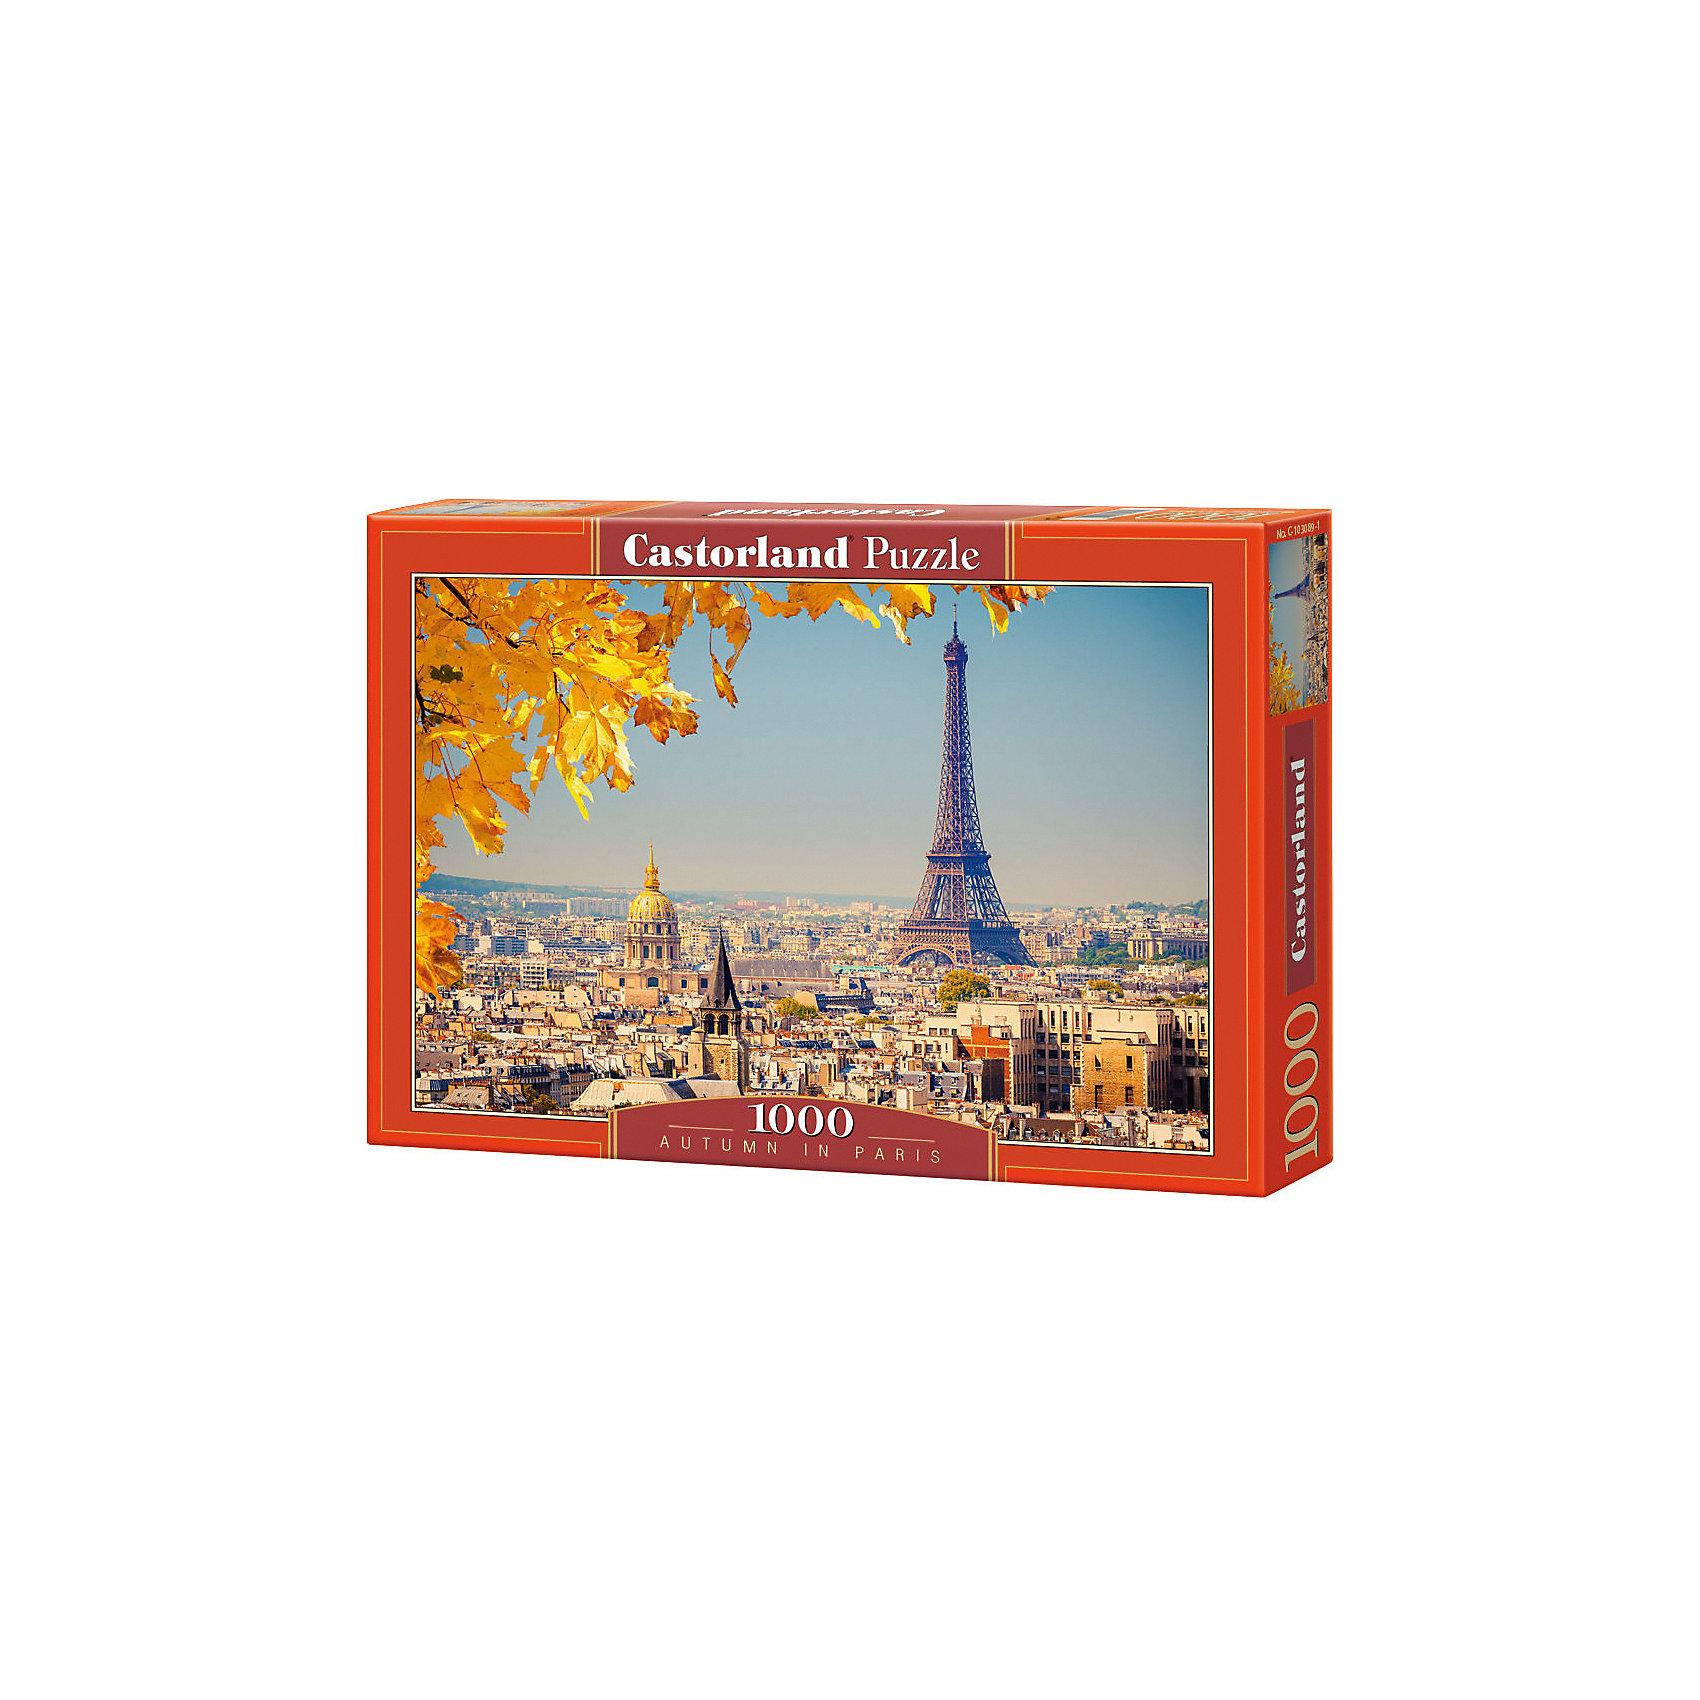 Castorland Пазл Осень в Париже, 1000 деталей, Castorland castorland пазл для малышей в аэропорту